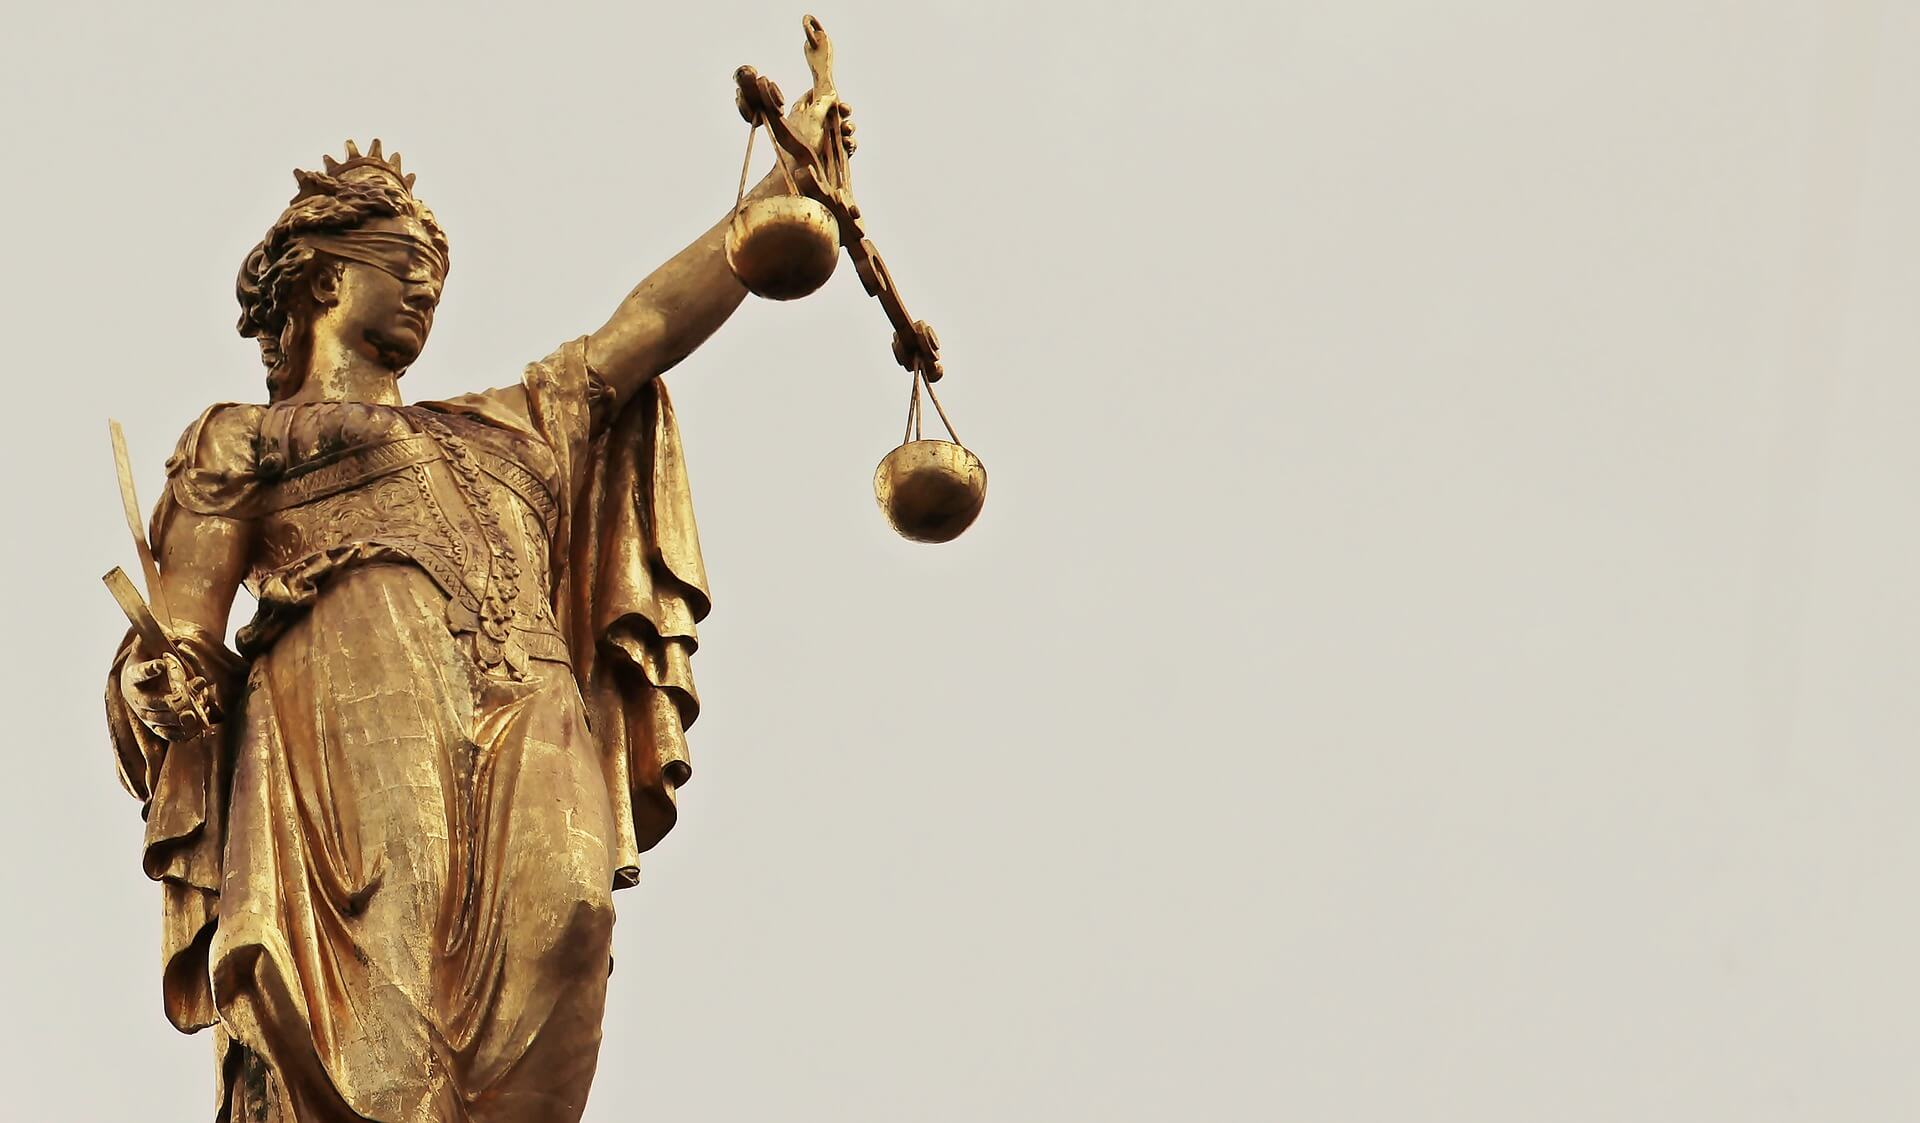 Na imagem, estatua da deusa da Justiça. Conteúdo sobre Igualdade, equidade e justiça social